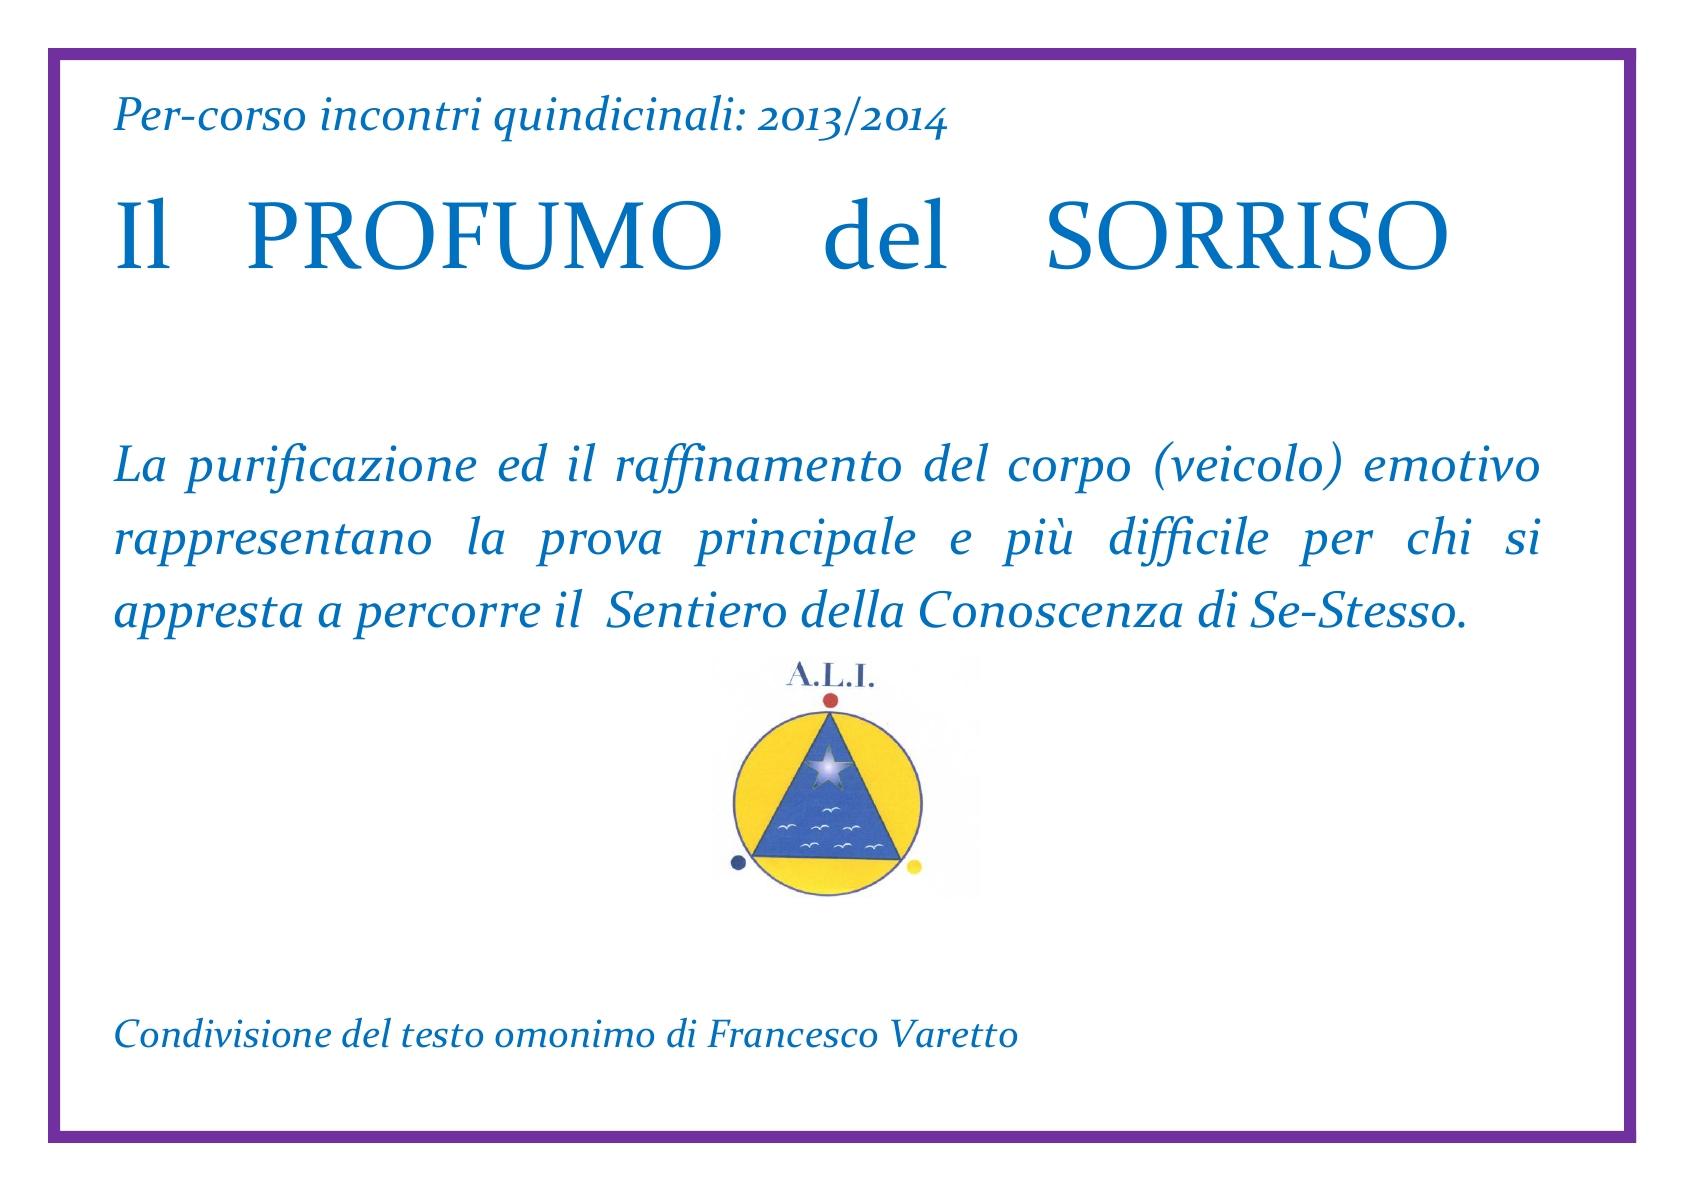 ALI   per-corso  - Il Profumo del Sorriso 2013 & 2014